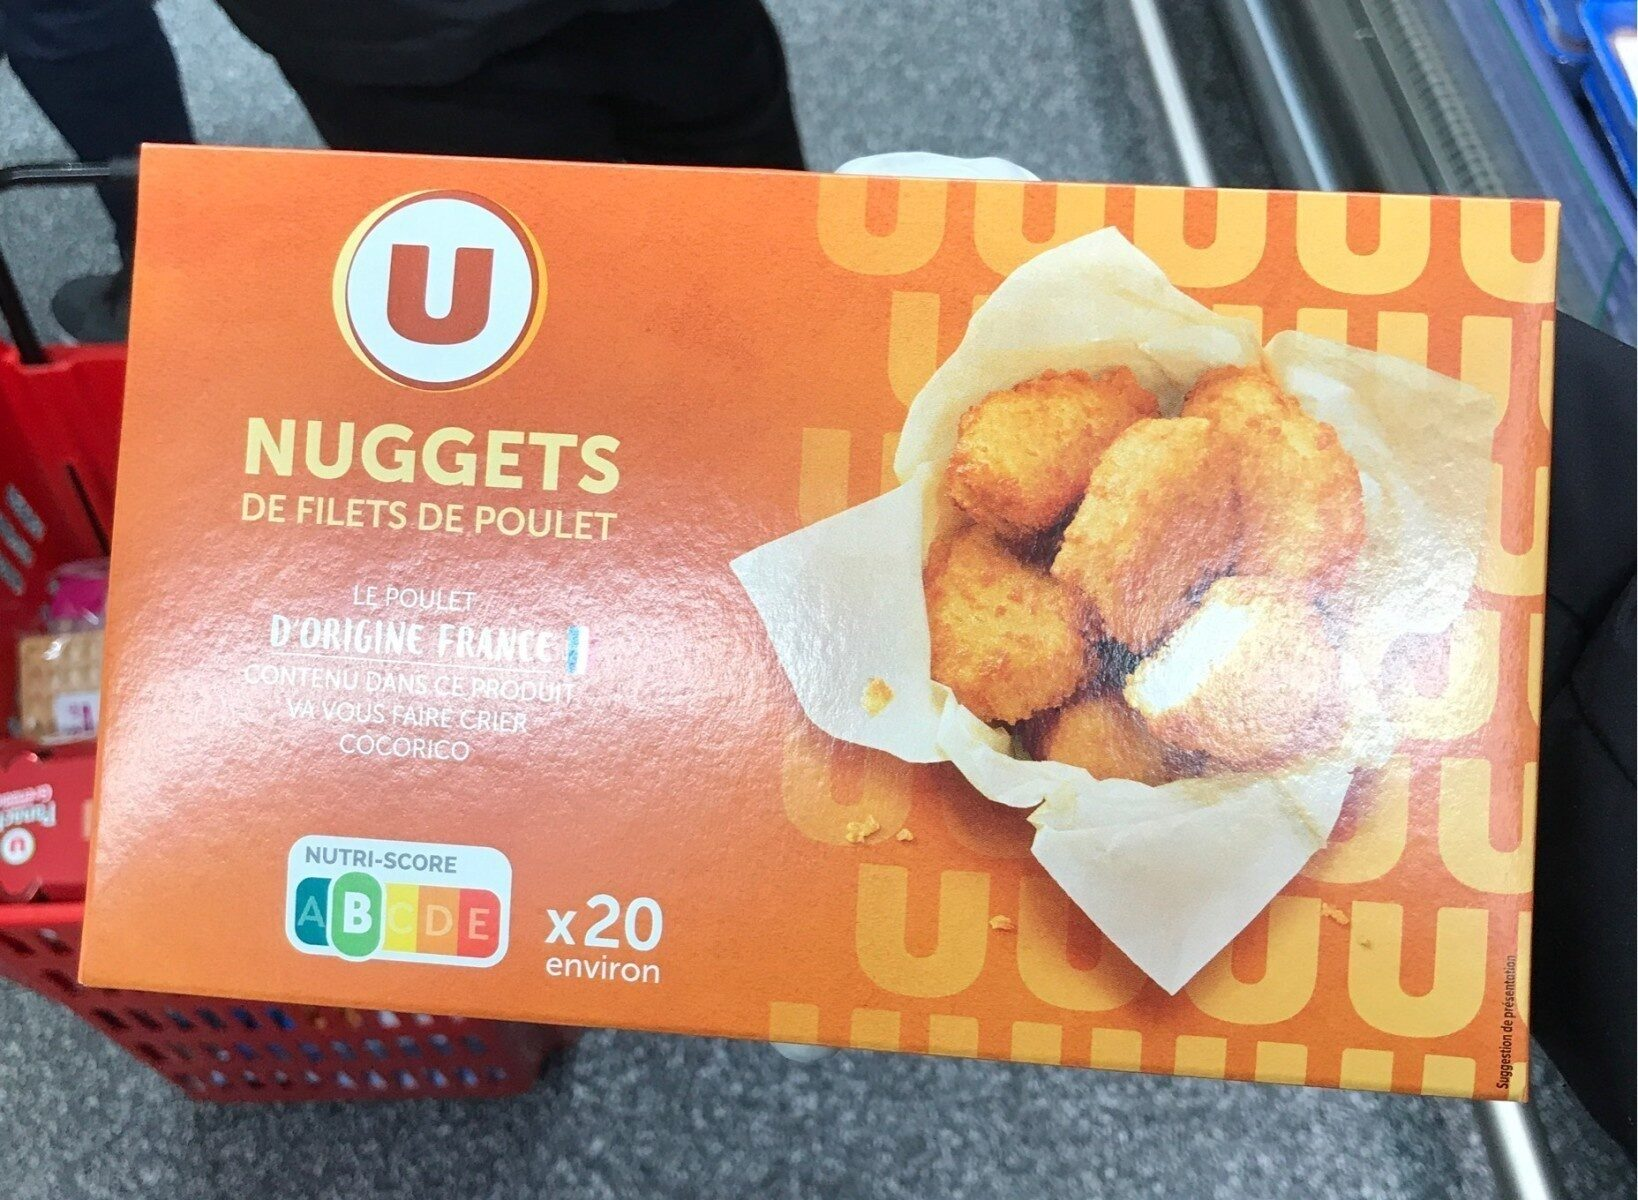 Nuggets de filet de poulet - Produit - fr